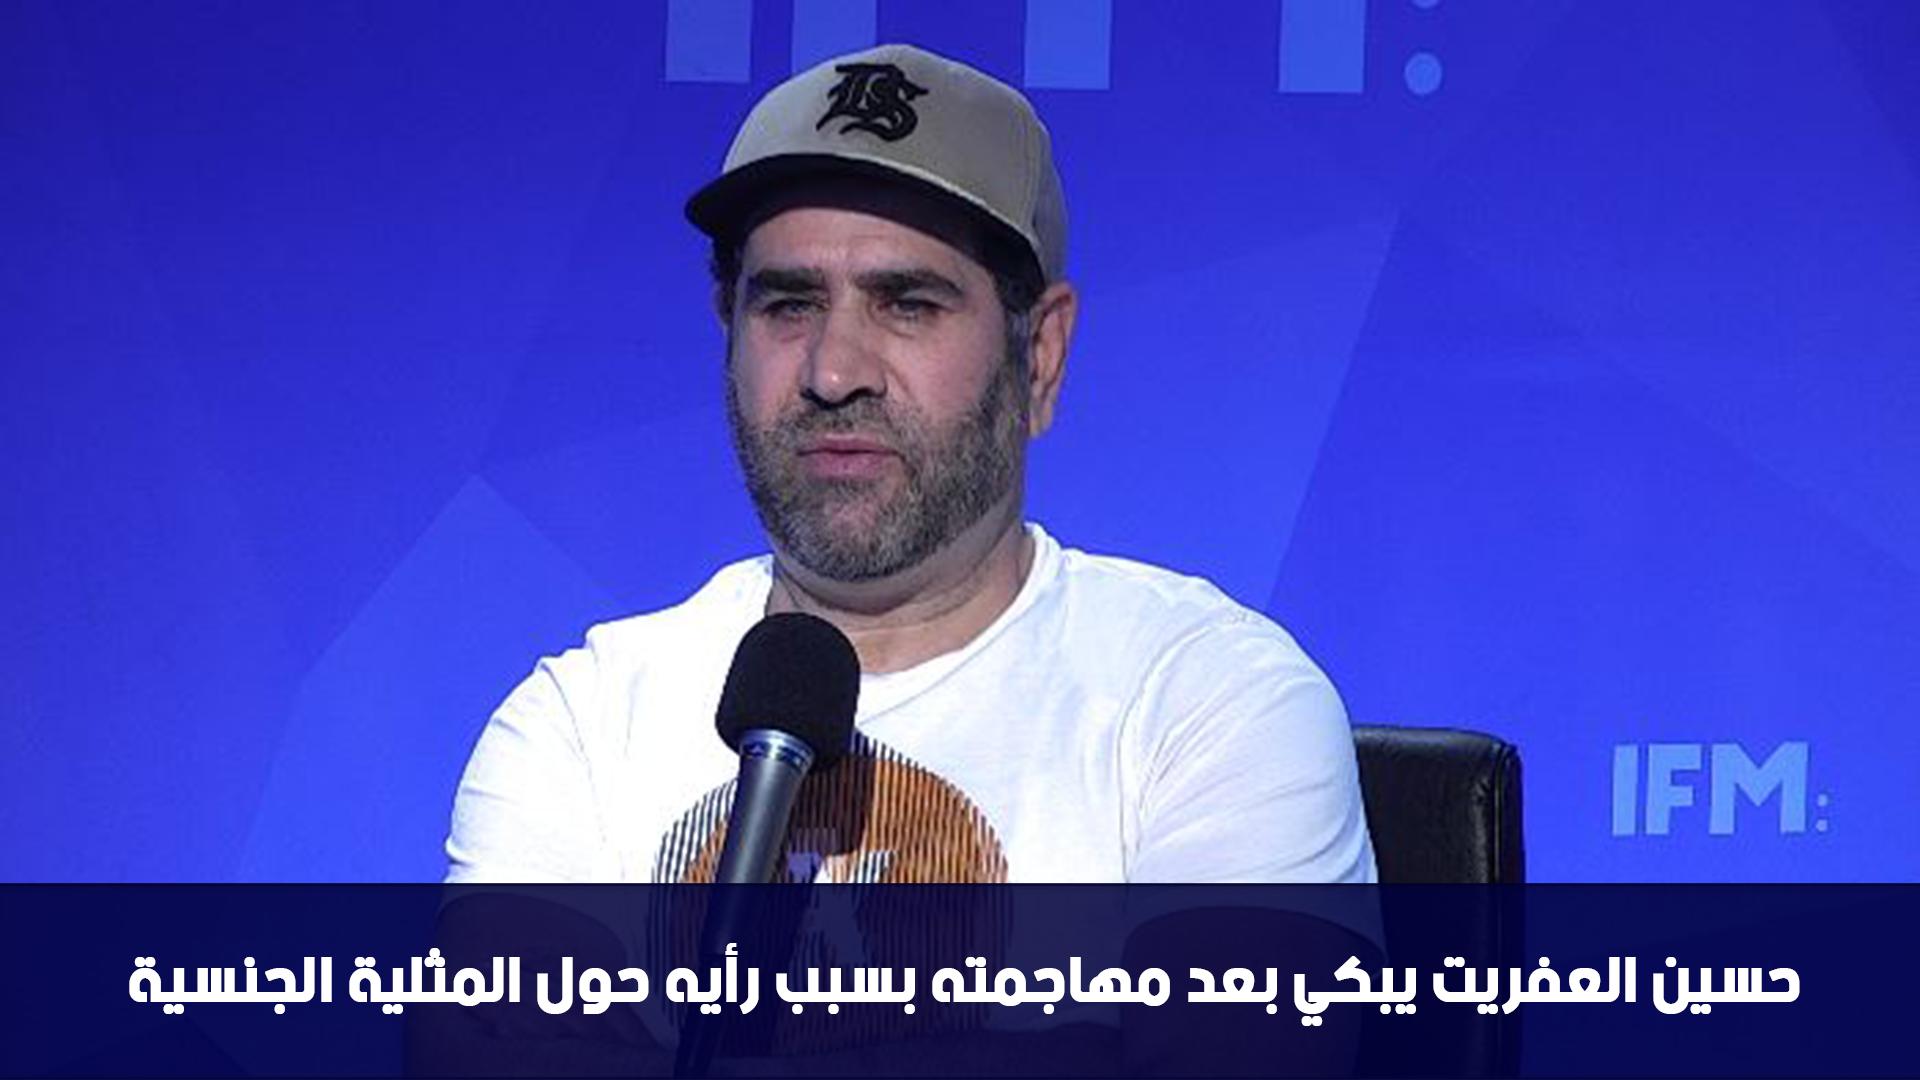 حسين العفريت يبكي بعد مهاجمته بسبب رأيه حول المثلية الجنسية